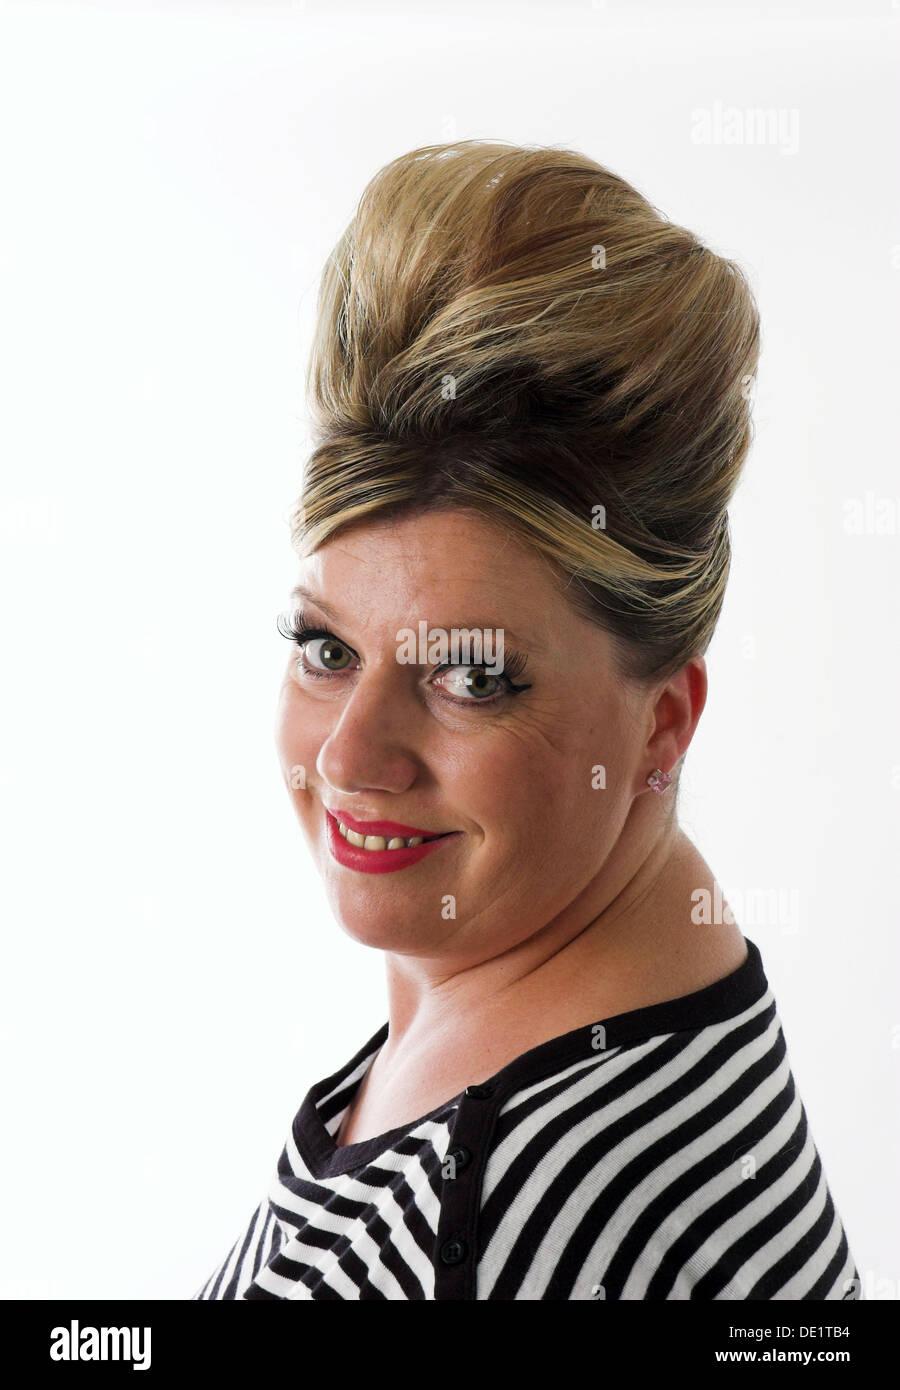 Glamourose Frau Mit Der 1950er Jahre Stil Beehive Frisur Stockfoto